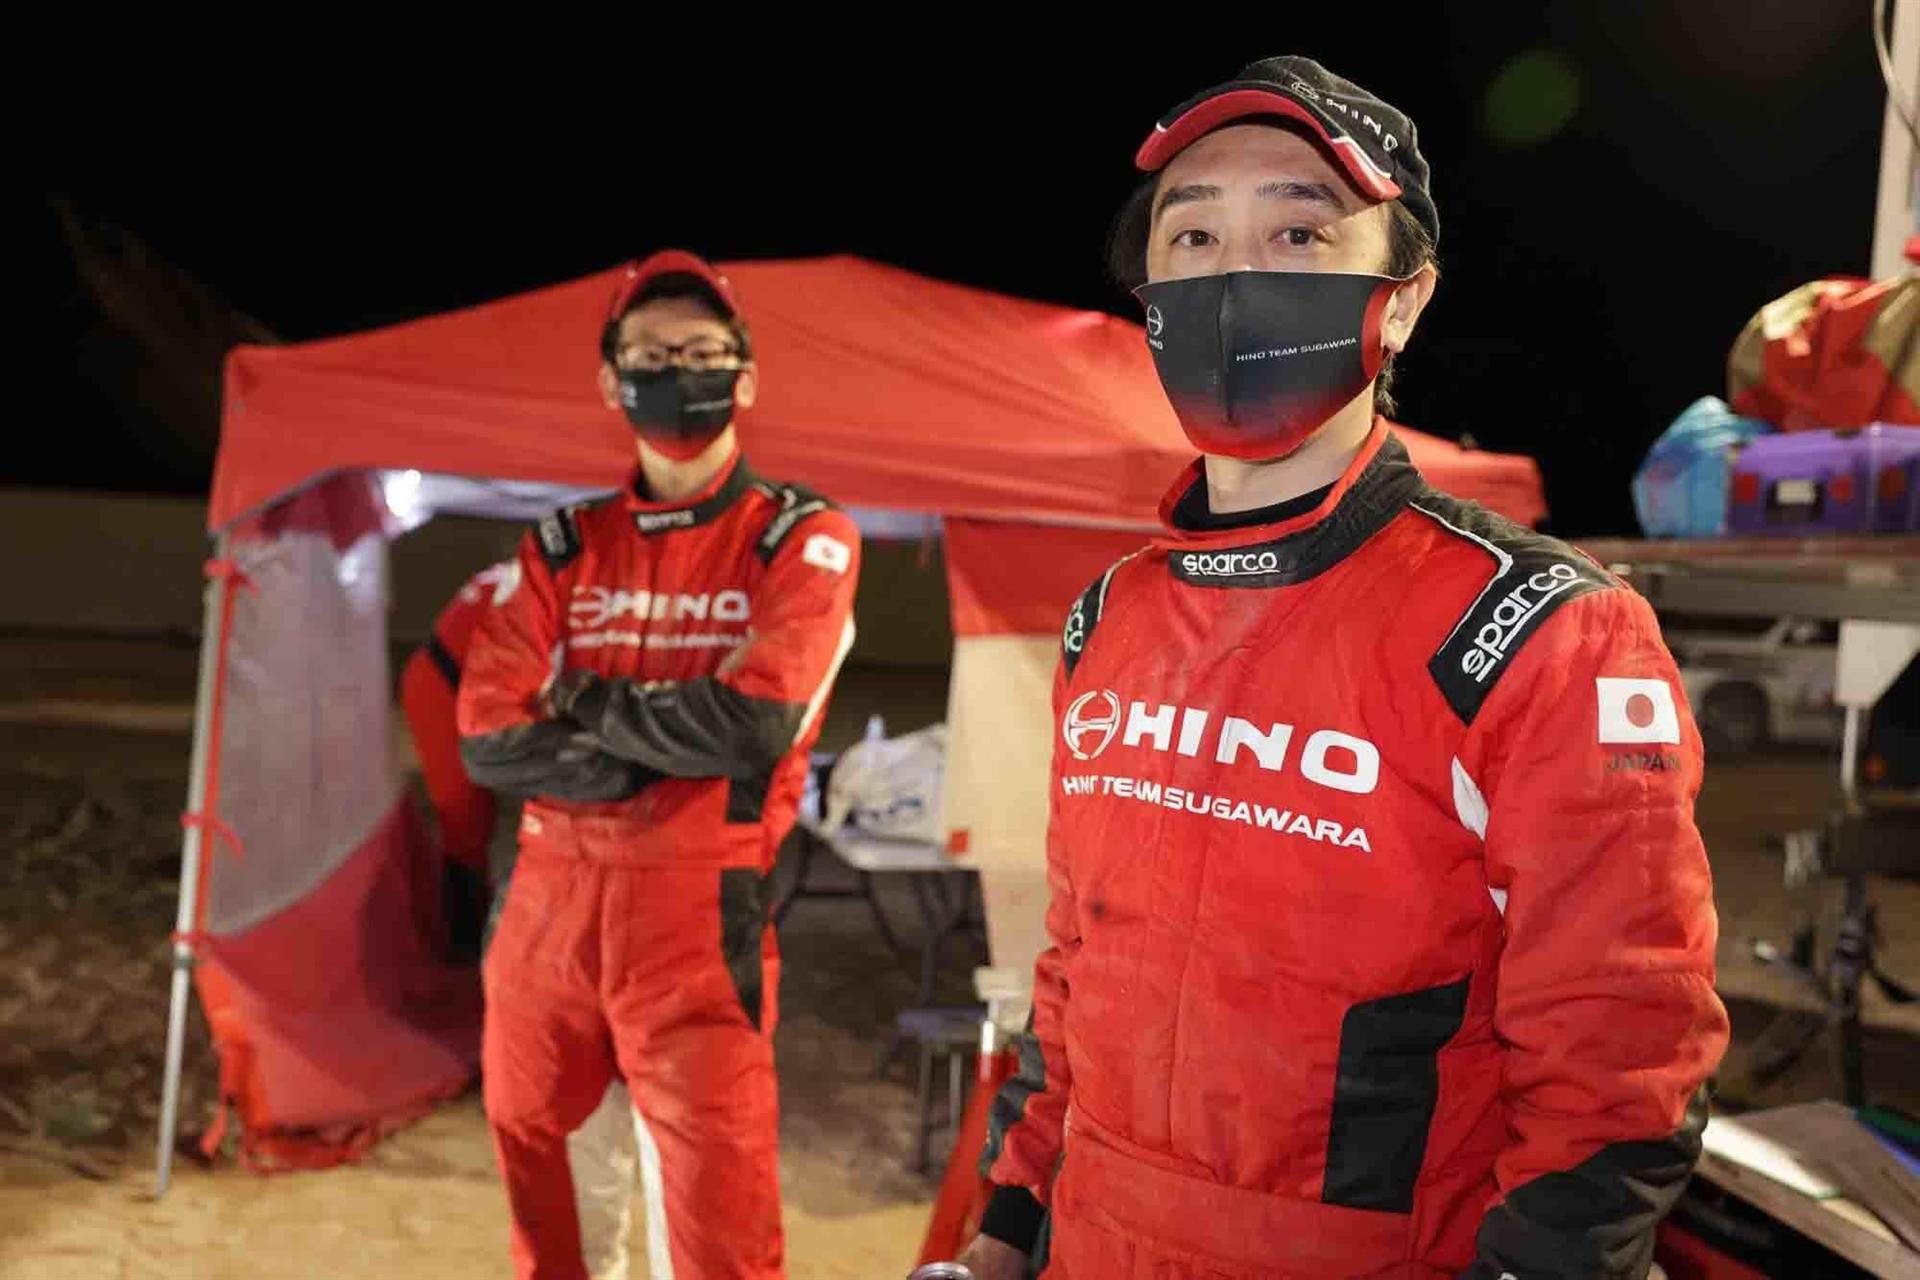 Dakar Rally Team